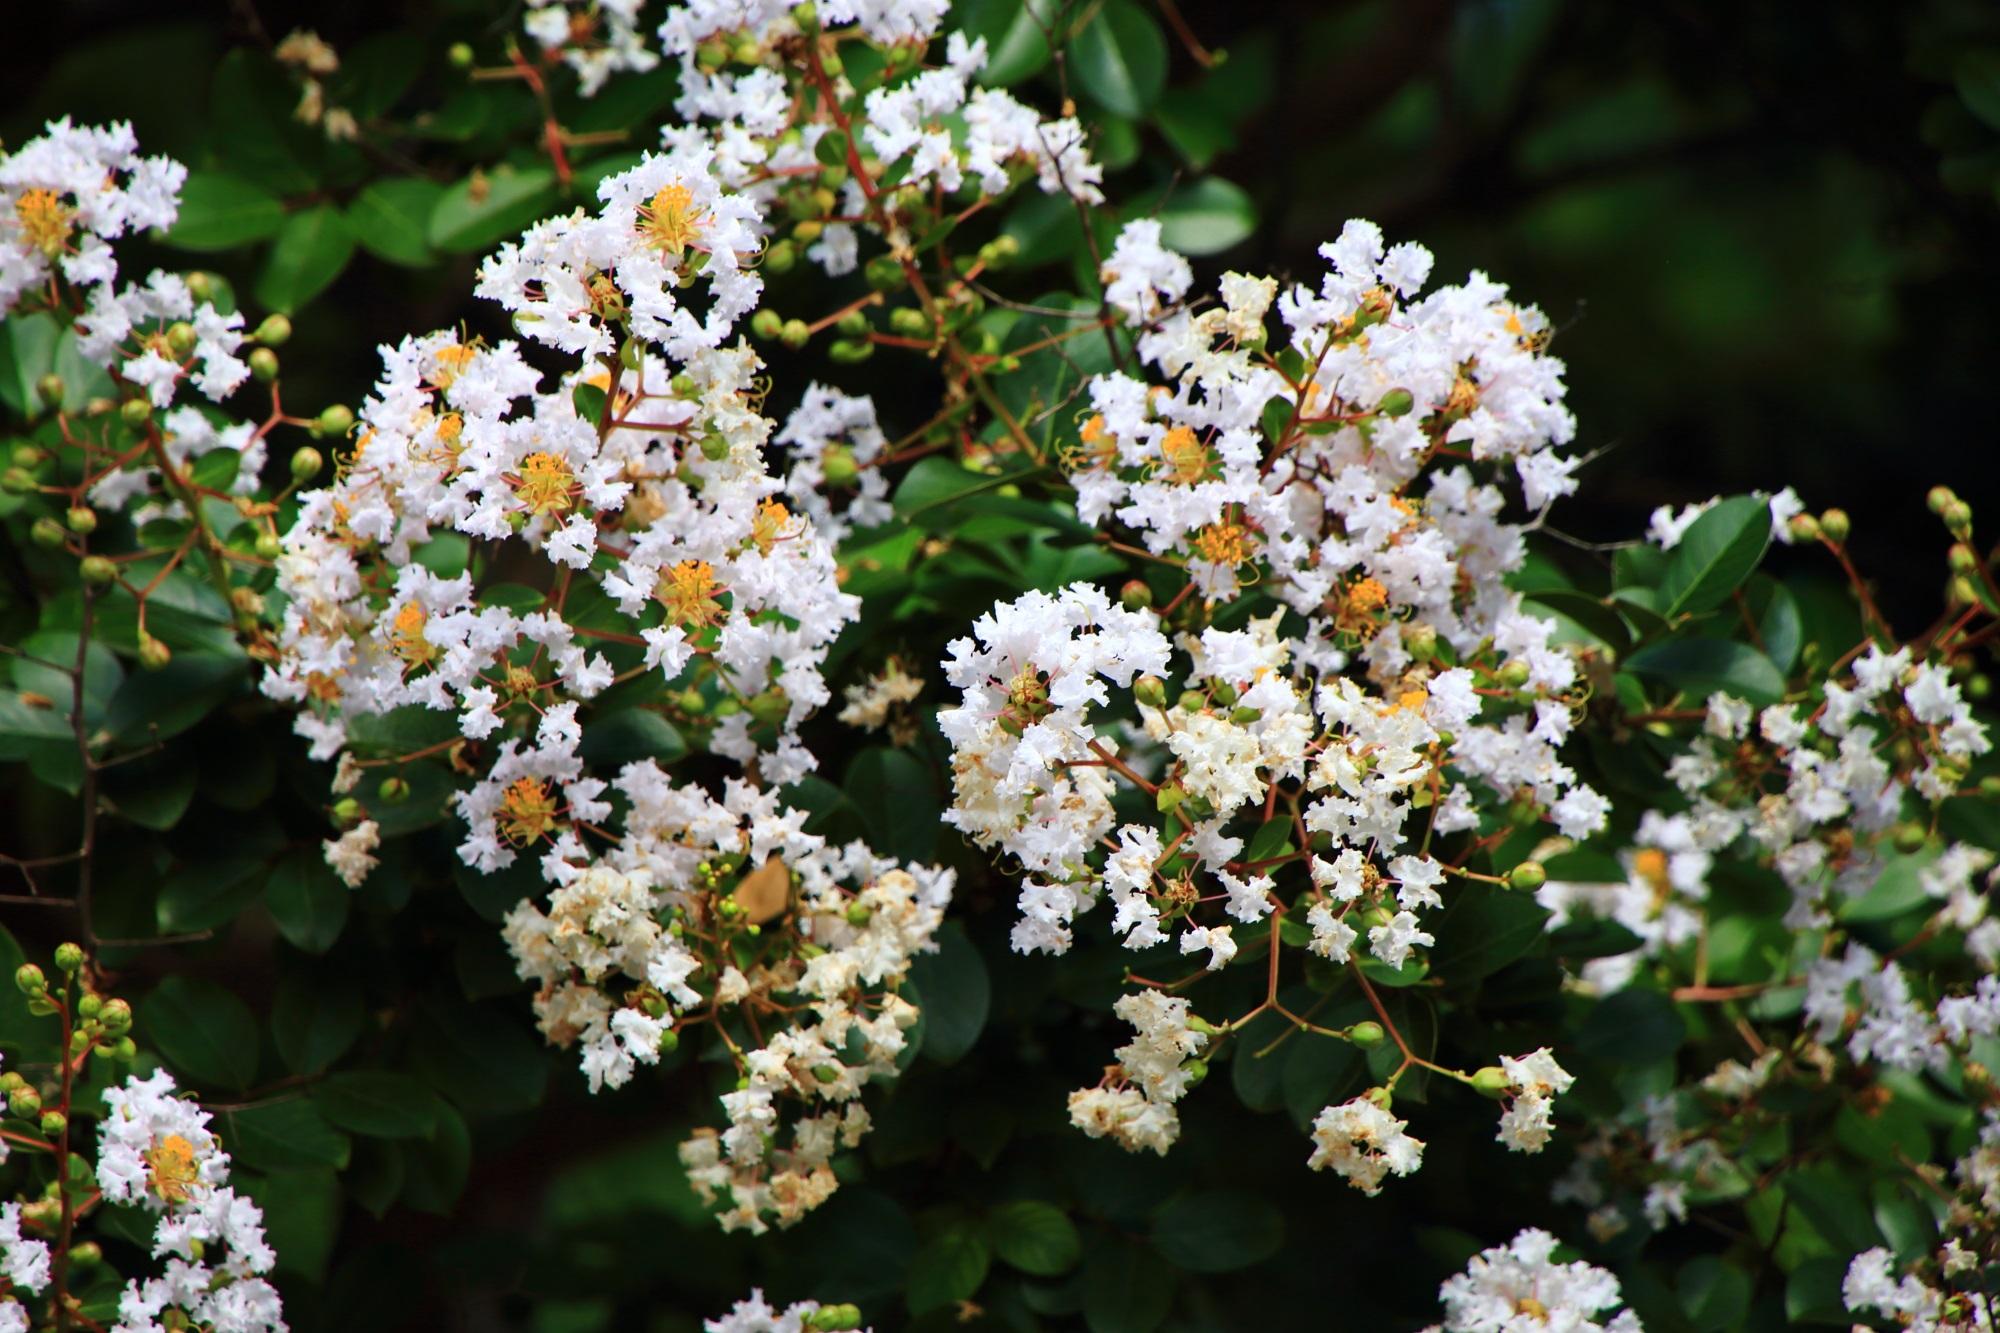 華やかな白い花をたくさんつけるサルスベリの木